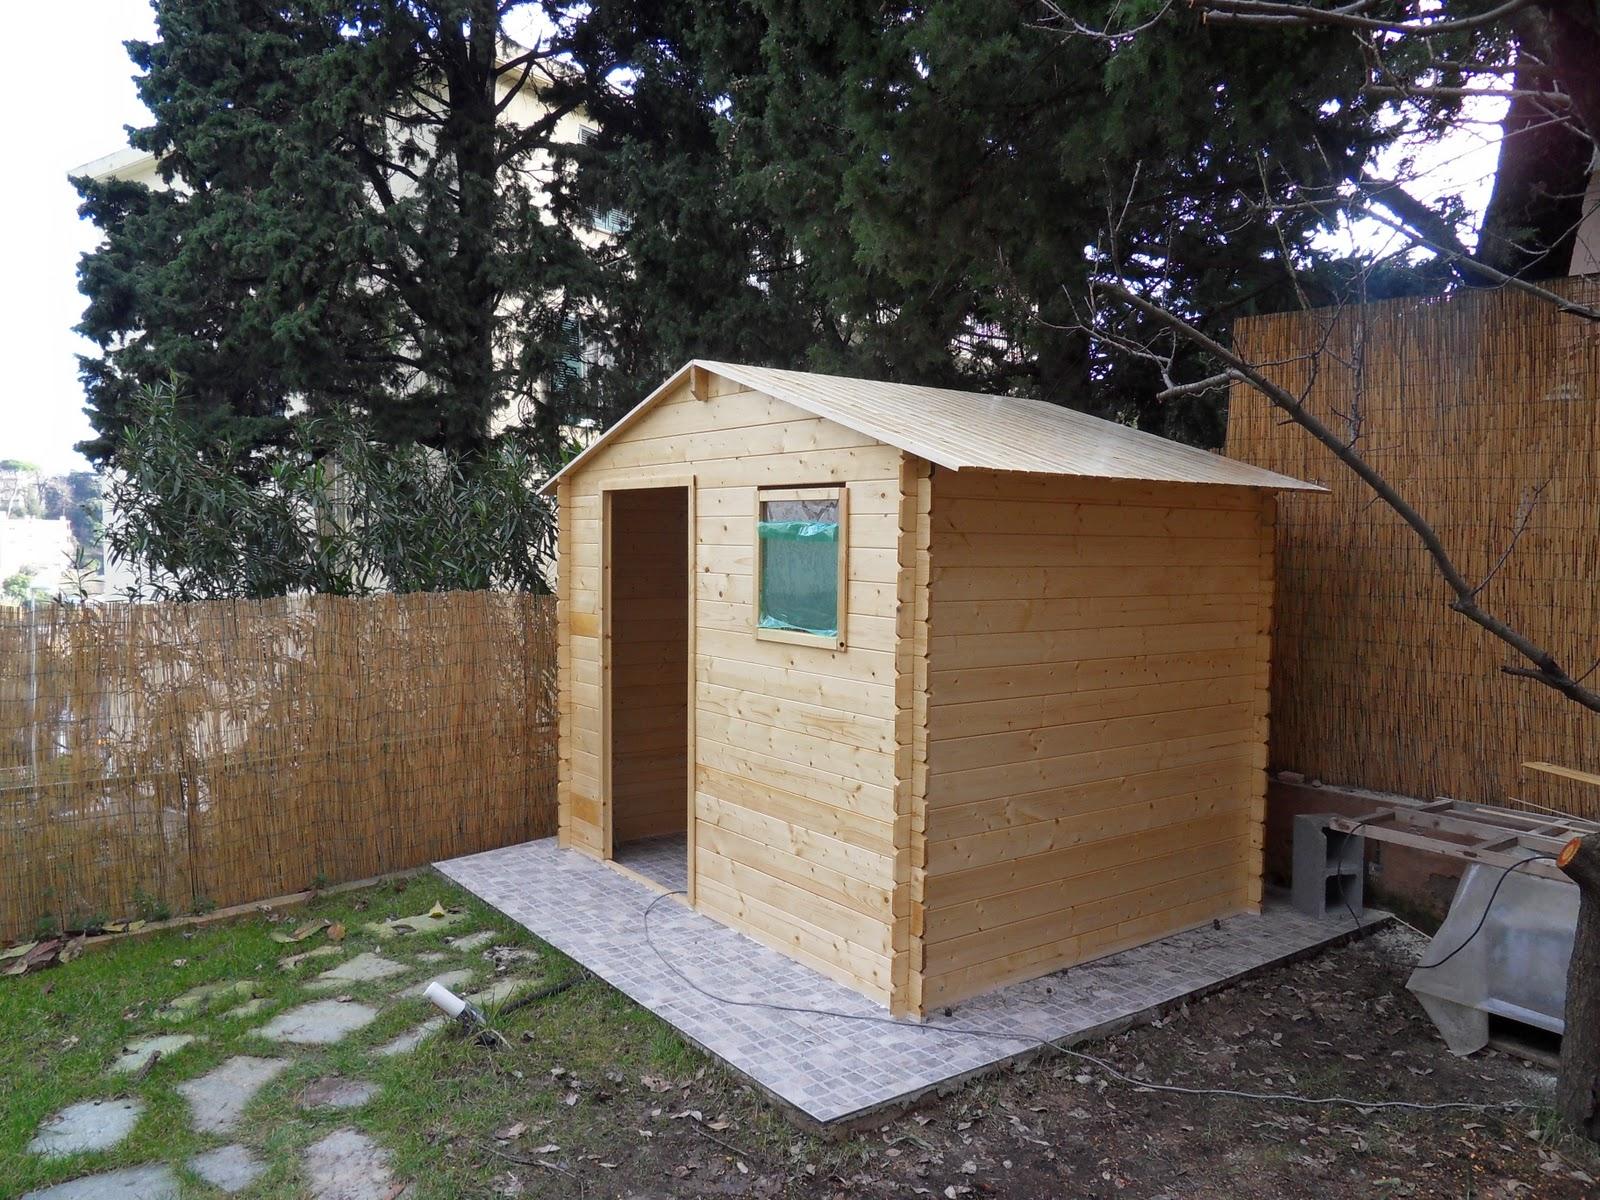 Il tuo architetto a genova casette di legno arredano il for Giardino leroy merlin